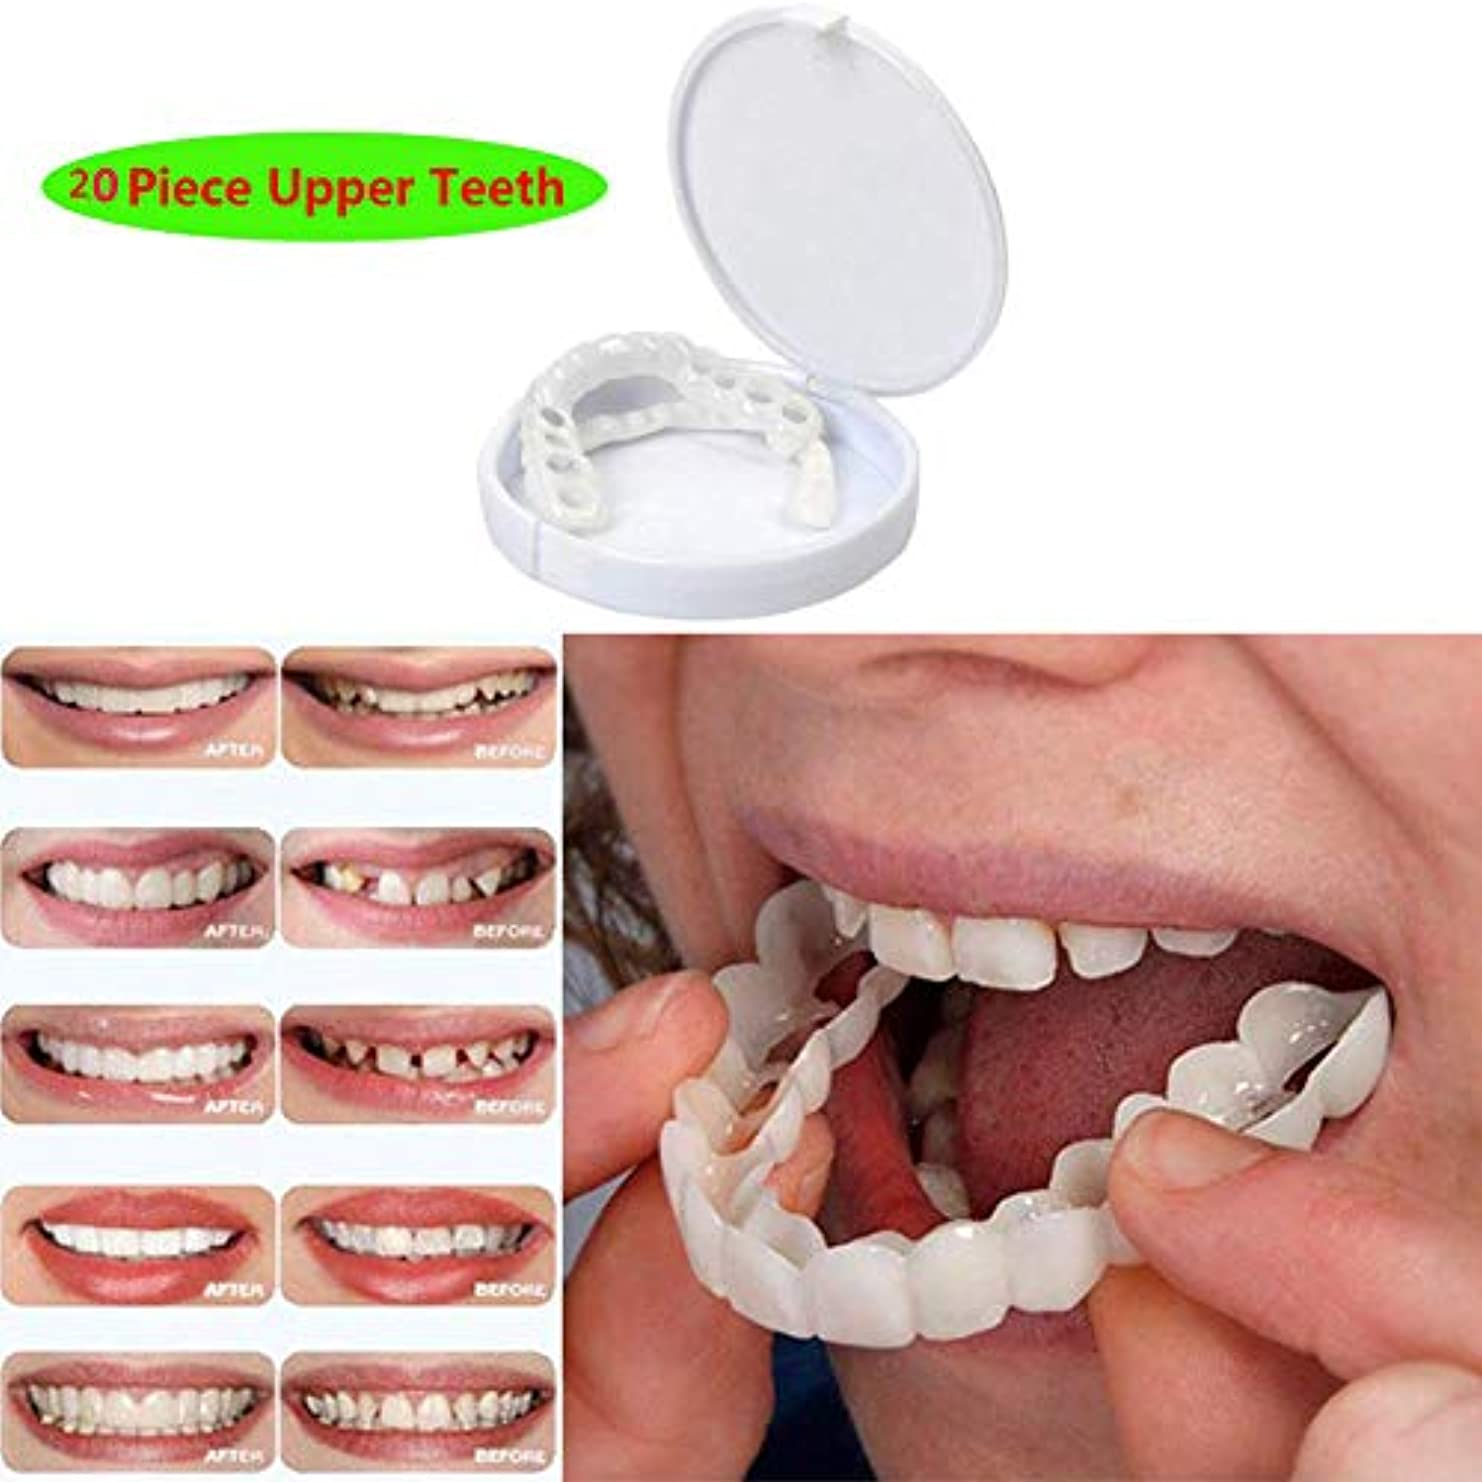 スピーチ有効バンジージャンプ20Pcs一時的な化粧品の歯の義歯の化粧品は白くなることを模倣した上括弧を模倣しました